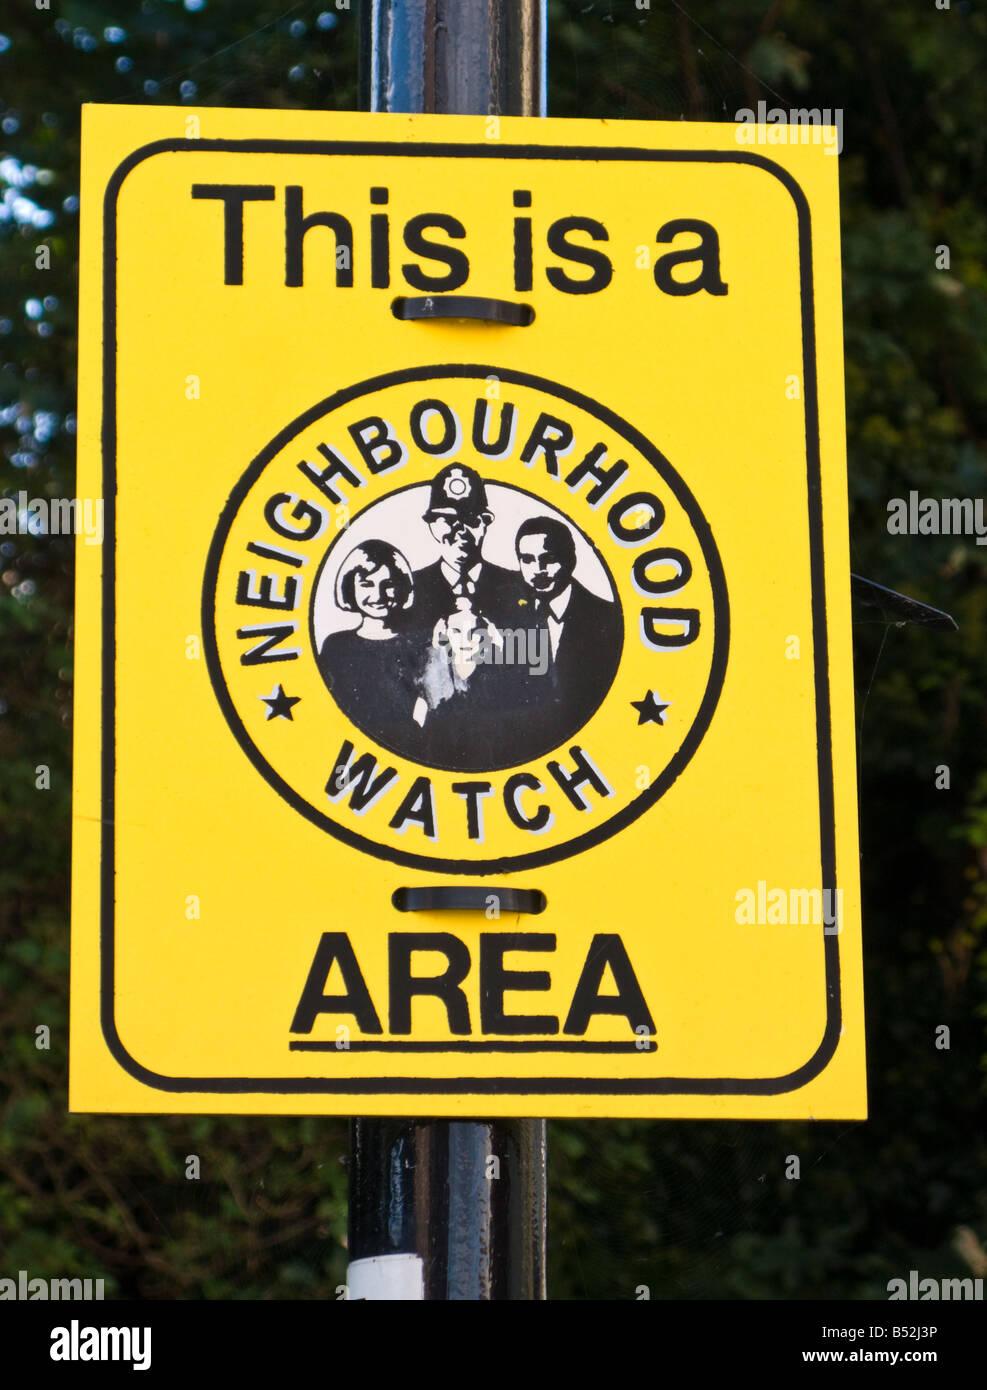 Neighbourhood Watch Area sign England UK - Stock Image